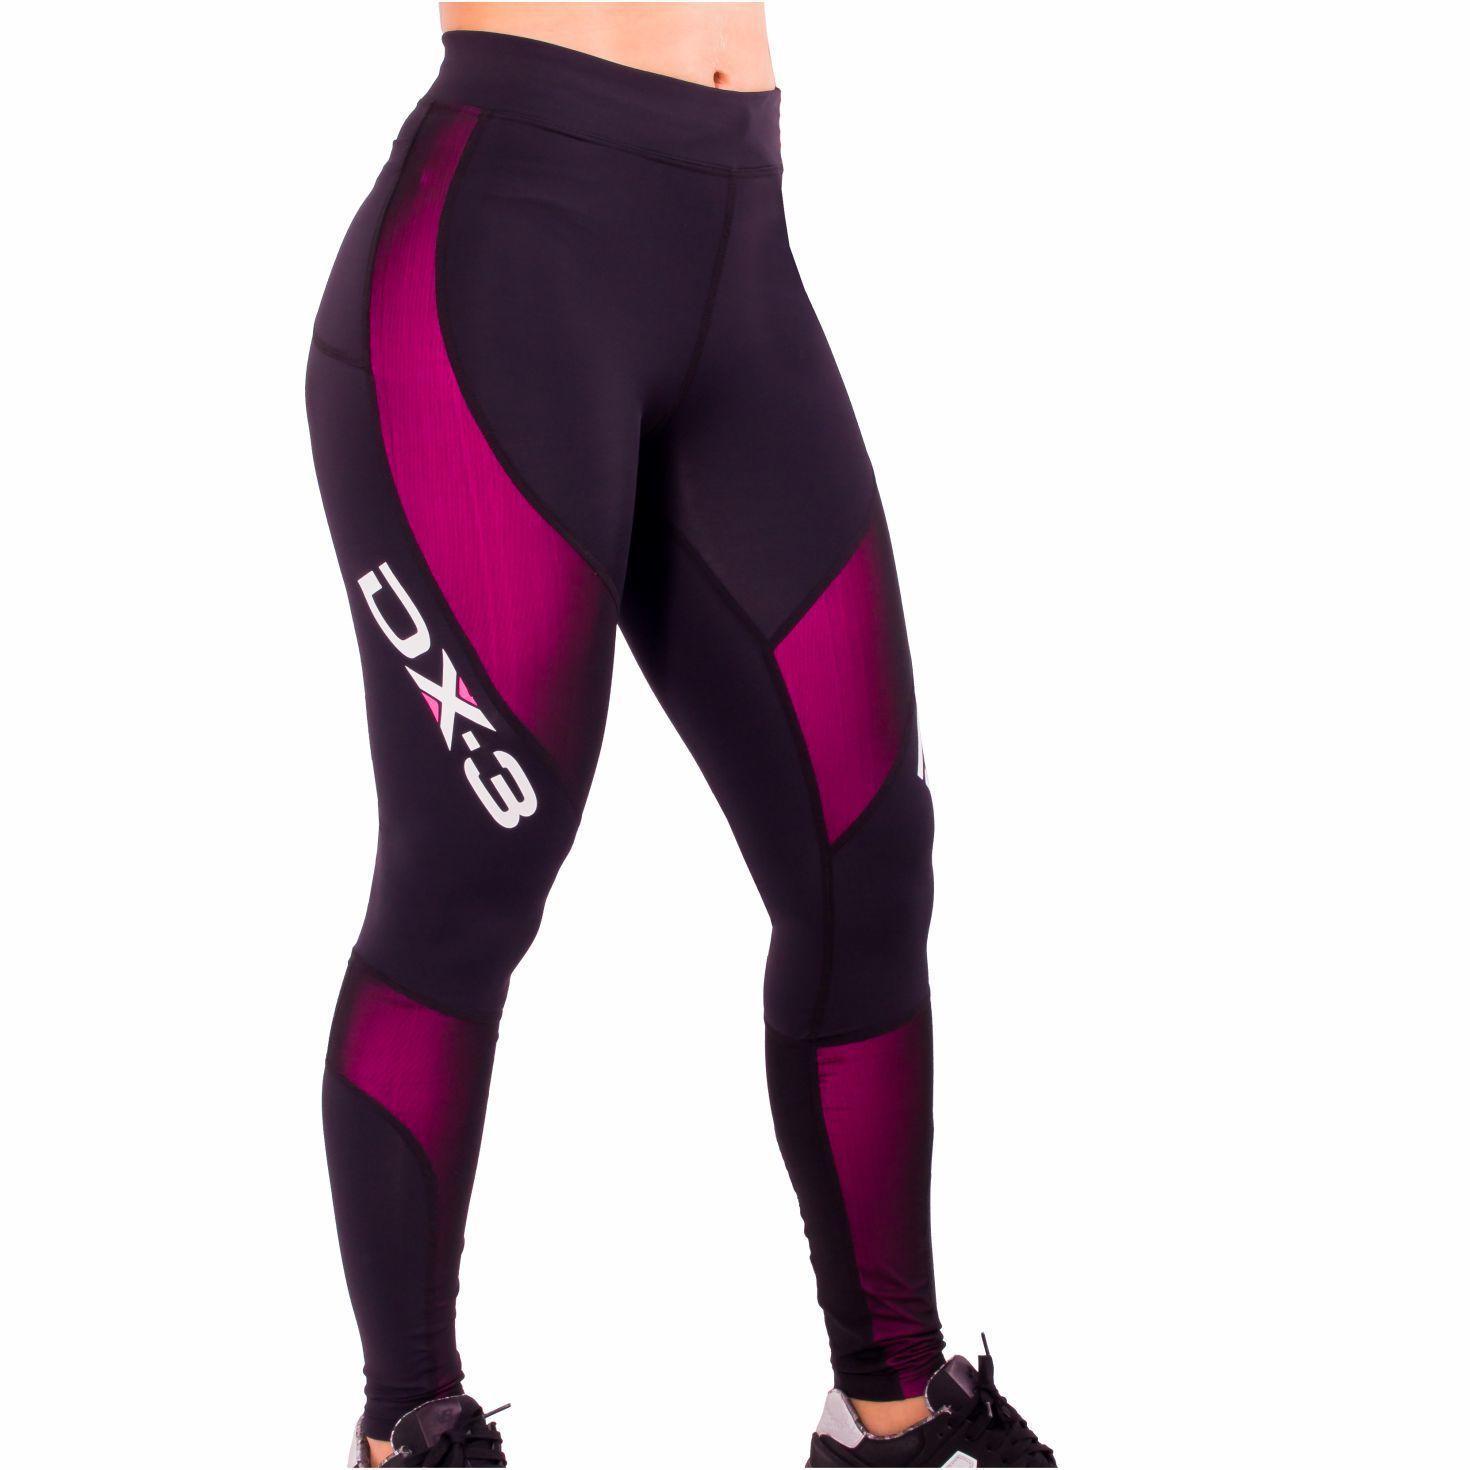 Calça Dx3 X Pro de Compressão Feminina Para Corrida Fitness Trekking